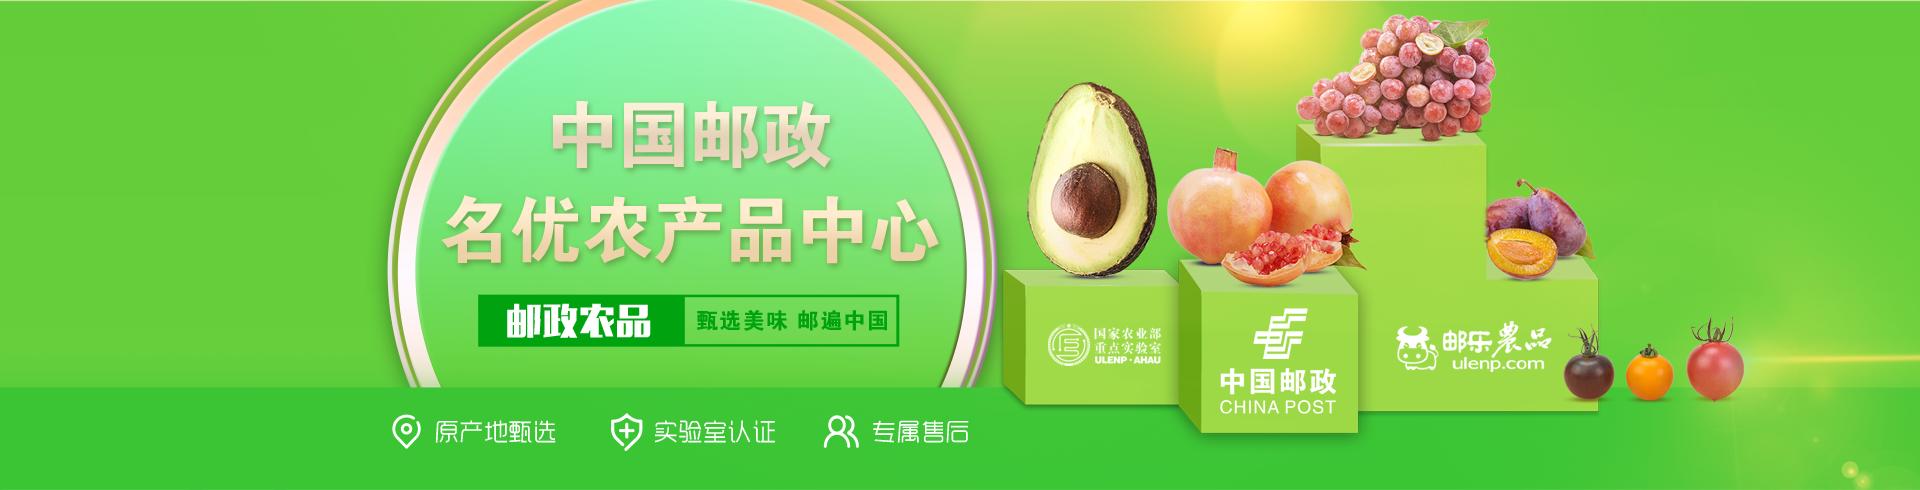 中國郵政 名優農產品中心